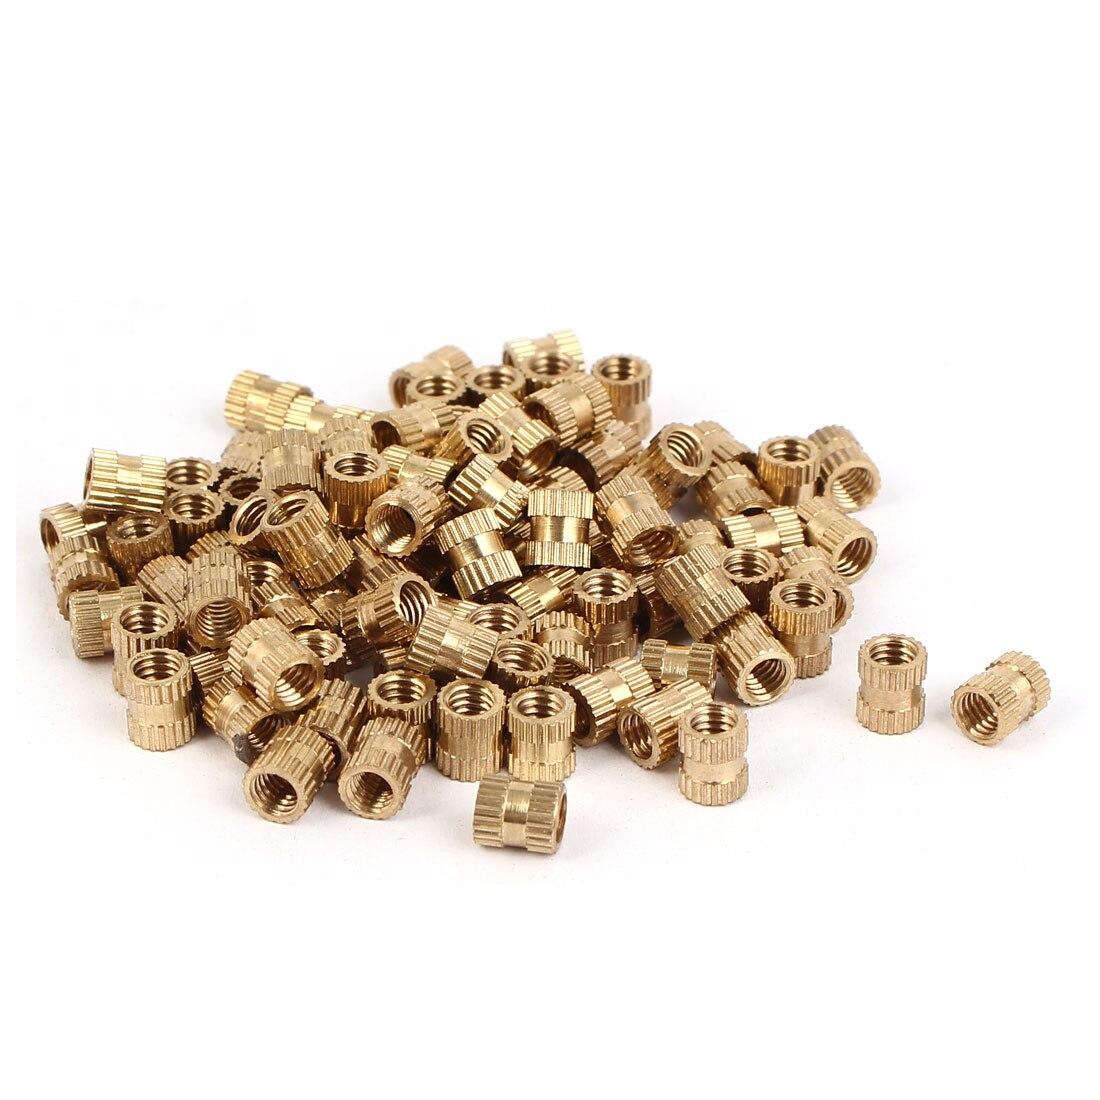 Female Thread Brass Embedment Assortment Kit 30 Pcs M5 x 12mm OD L uxcell Knurled Insert Nuts x 7mm